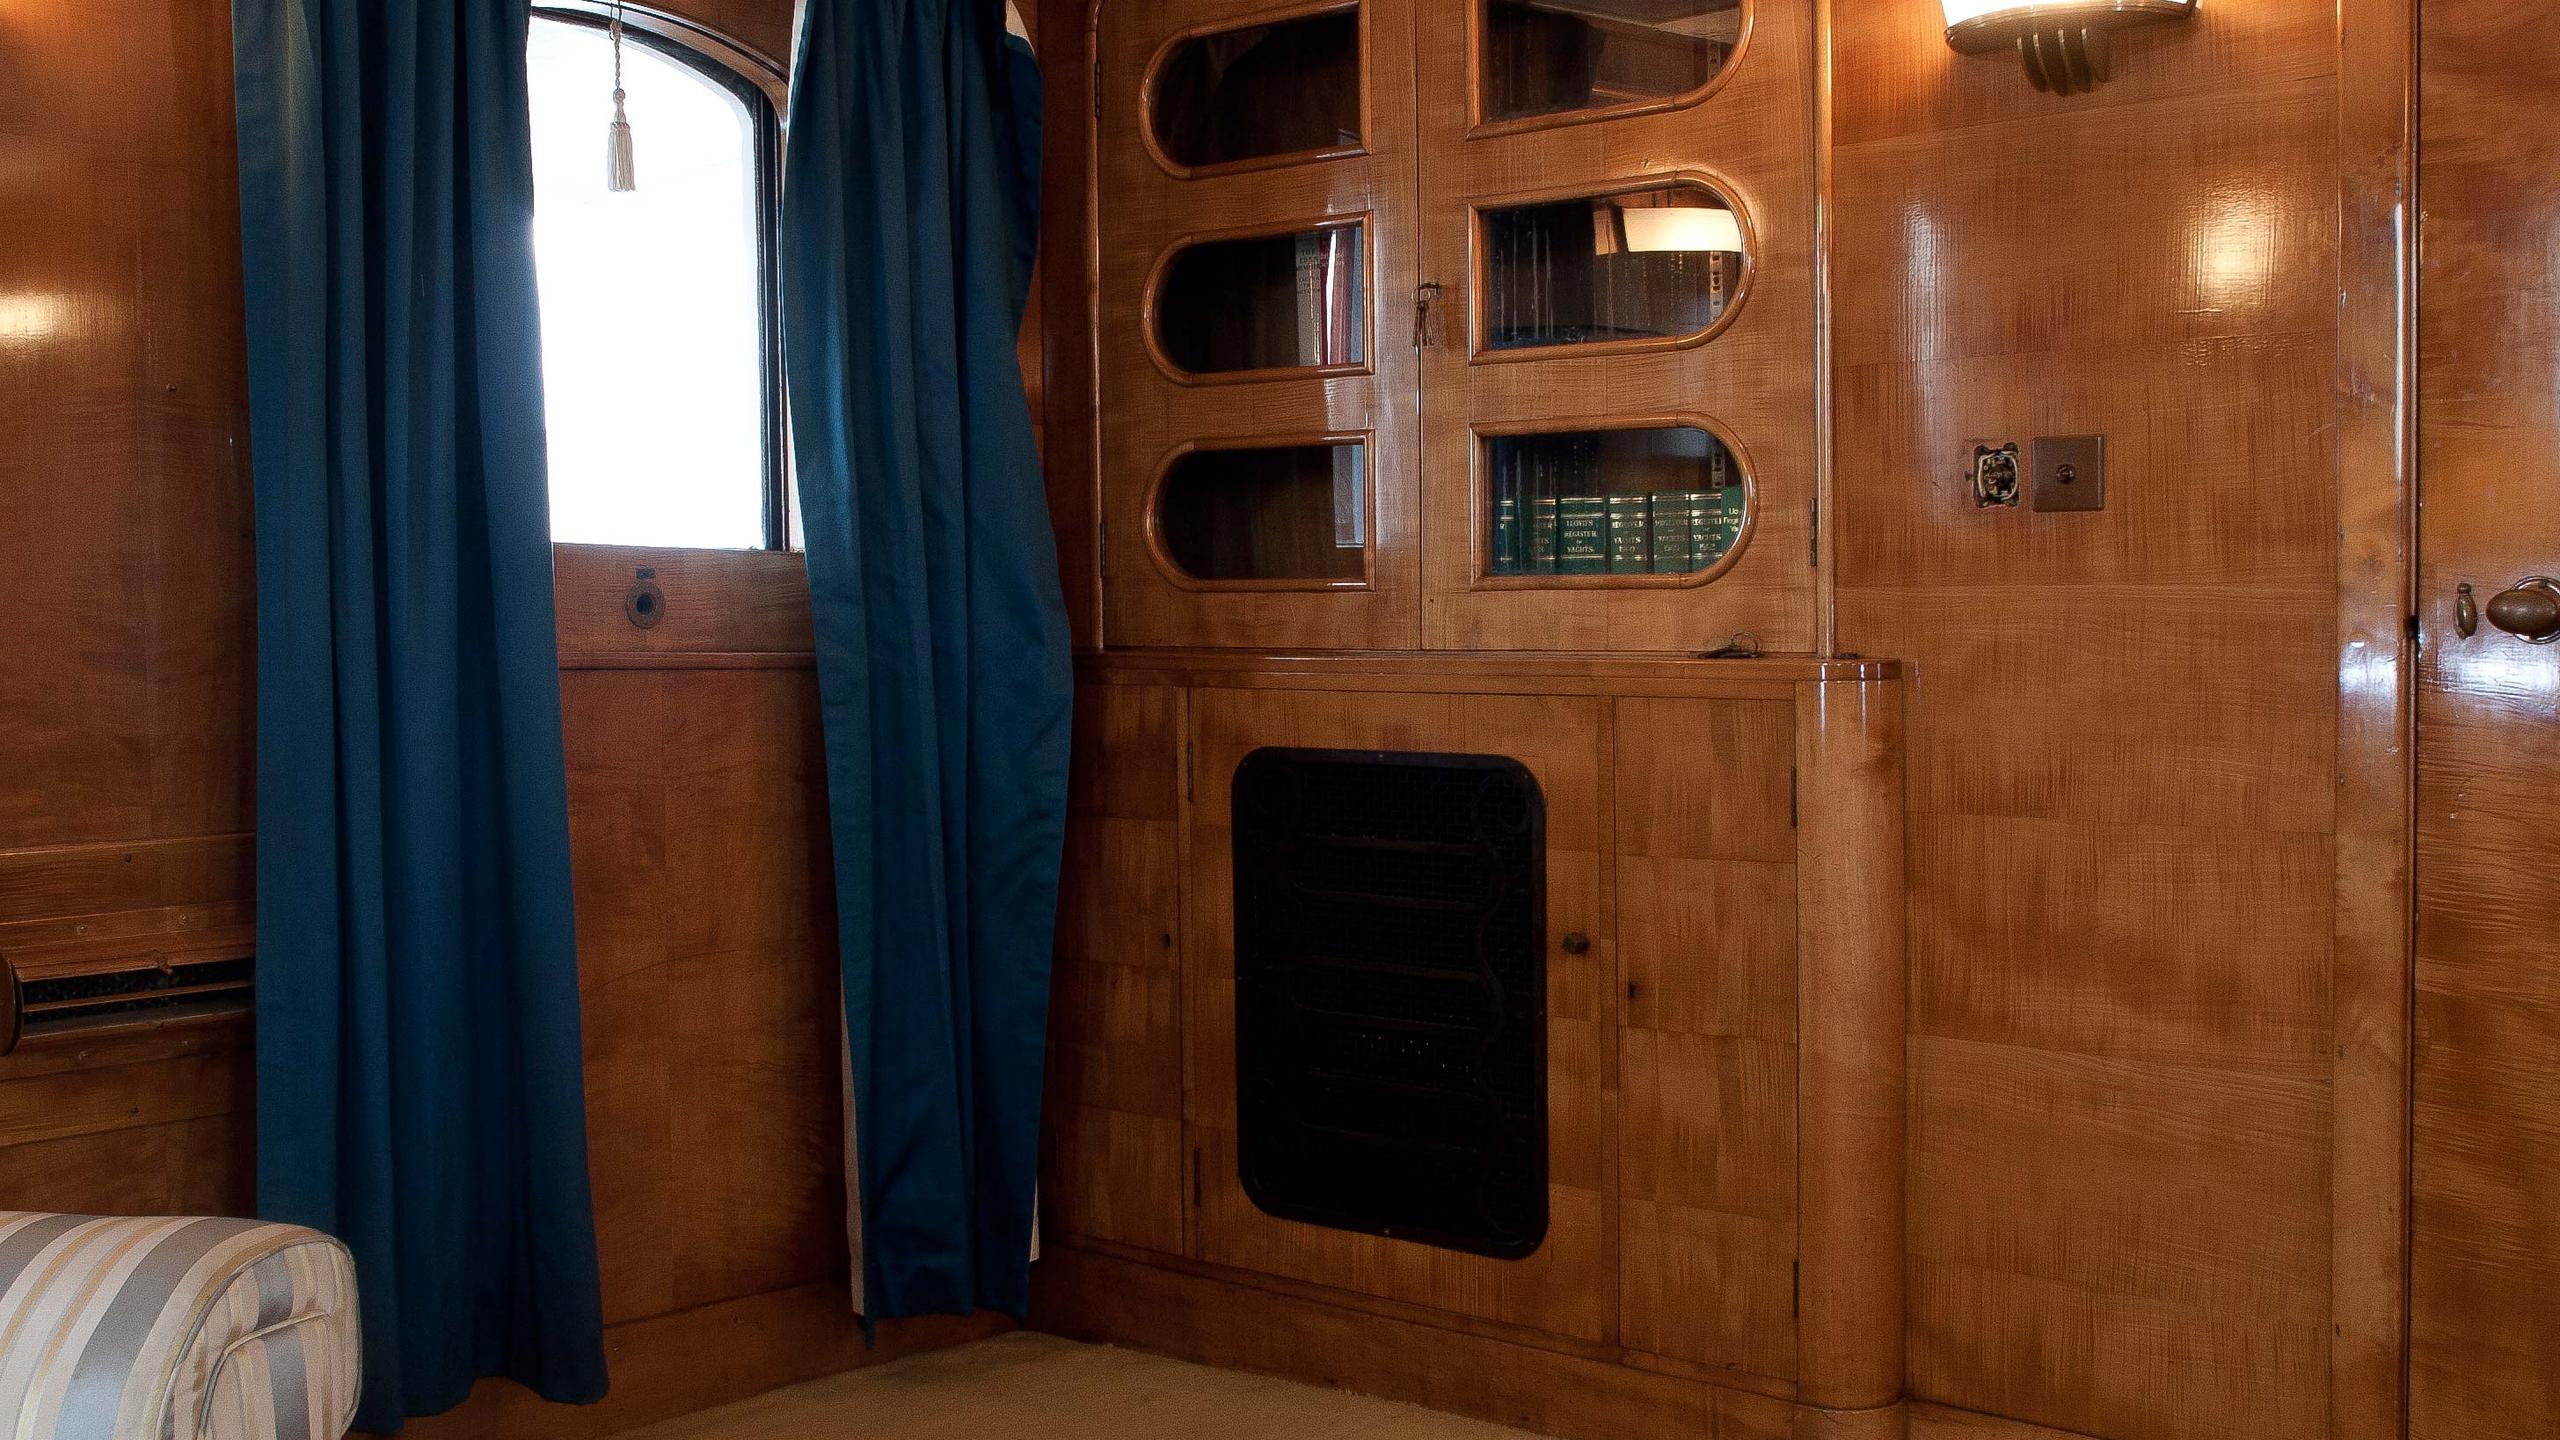 Shemara-classic-motor-yacht-1938-64m-cabinet